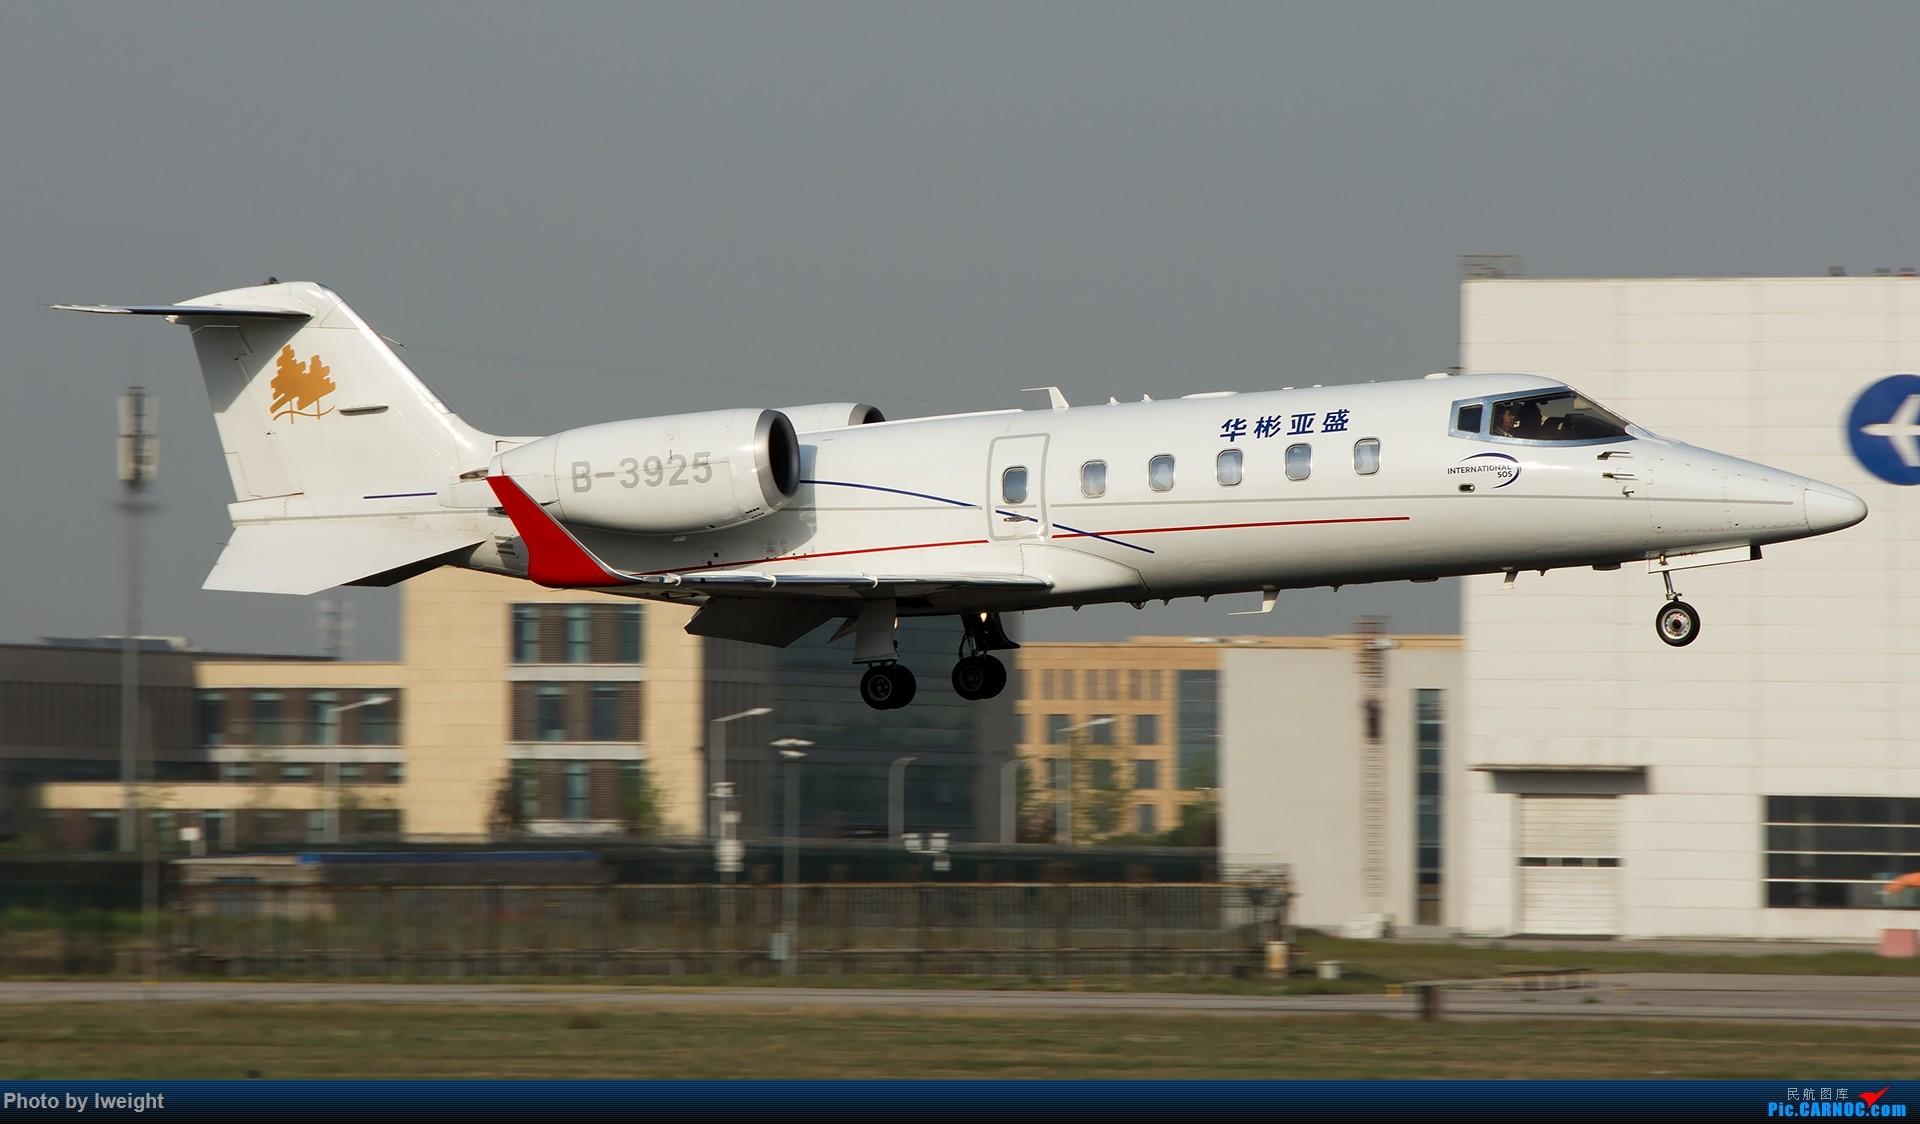 Re:[原创]天气晴朗,继续守候18R【多图】 BOMBARDIER LEARJET 60XR B-3925 中国北京首都国际机场